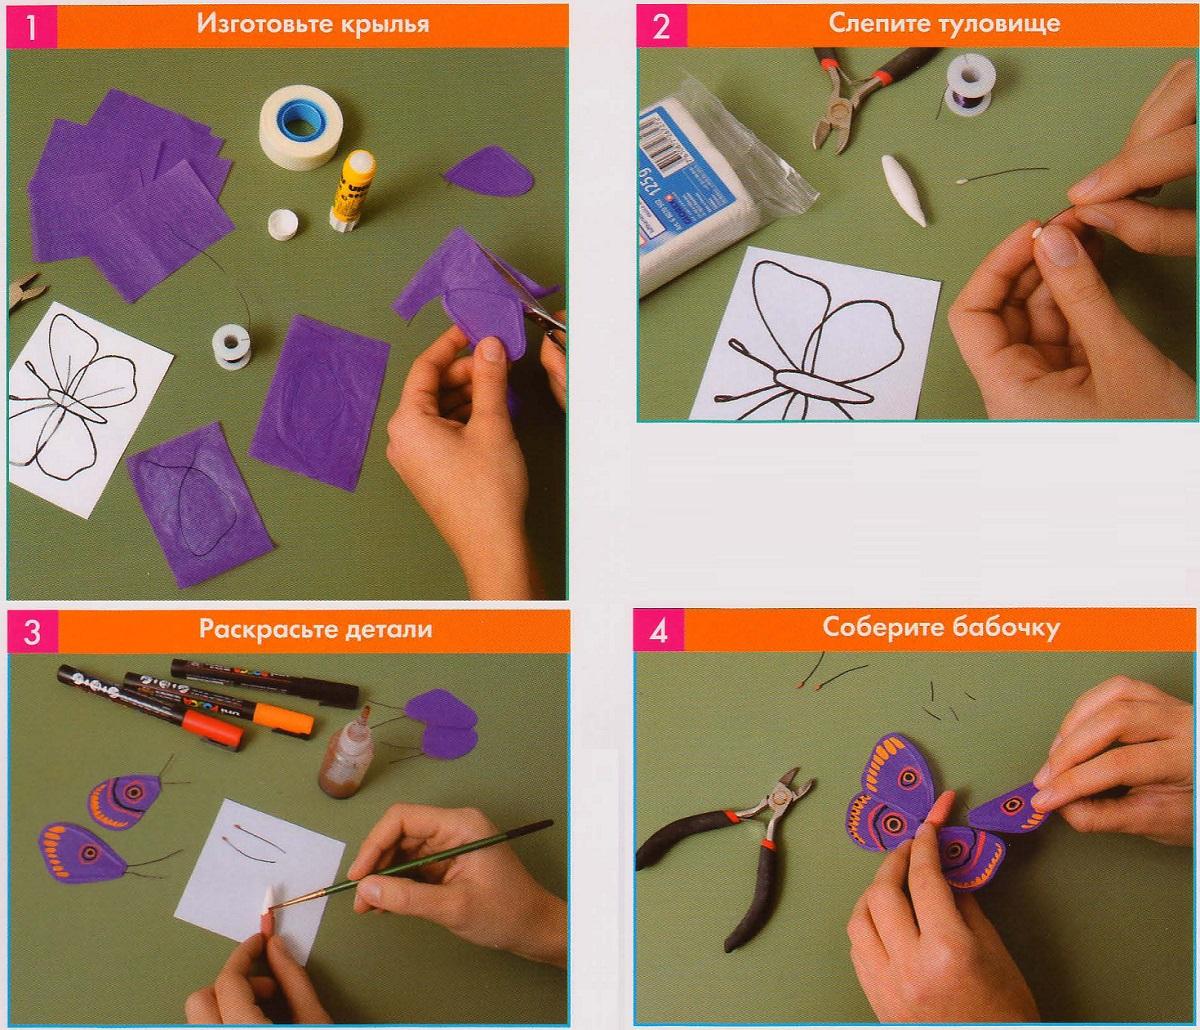 Бабочки из бумаги своими руками схемы шаблоны